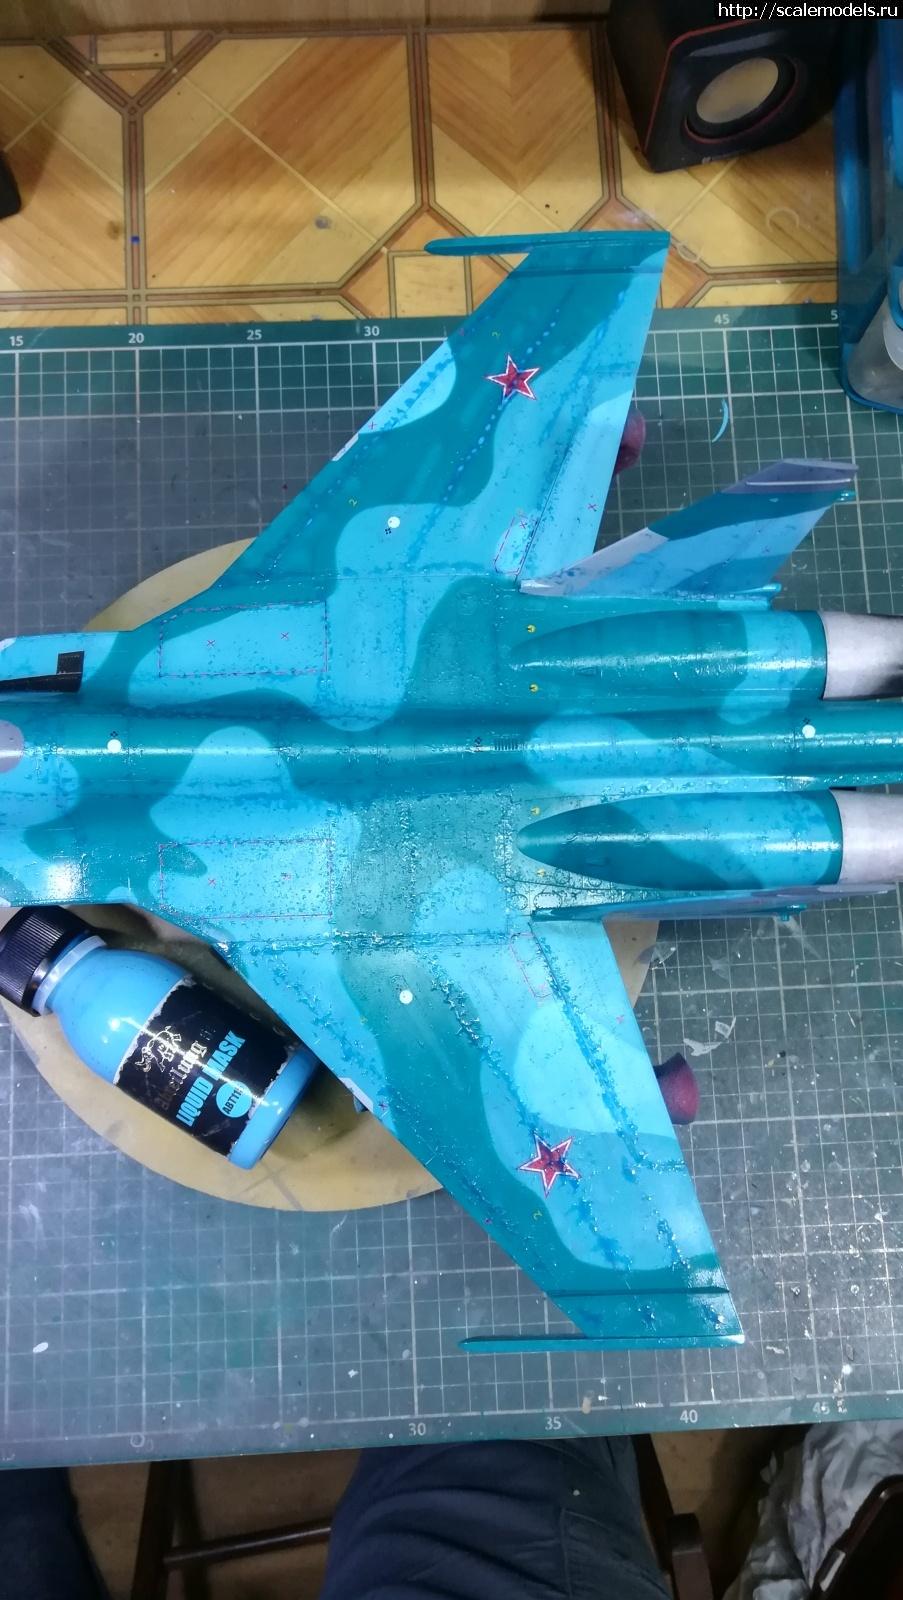 #1590887/ Су-34 Hobby Boss 1/48 - ГОТОВО! Закрыть окно